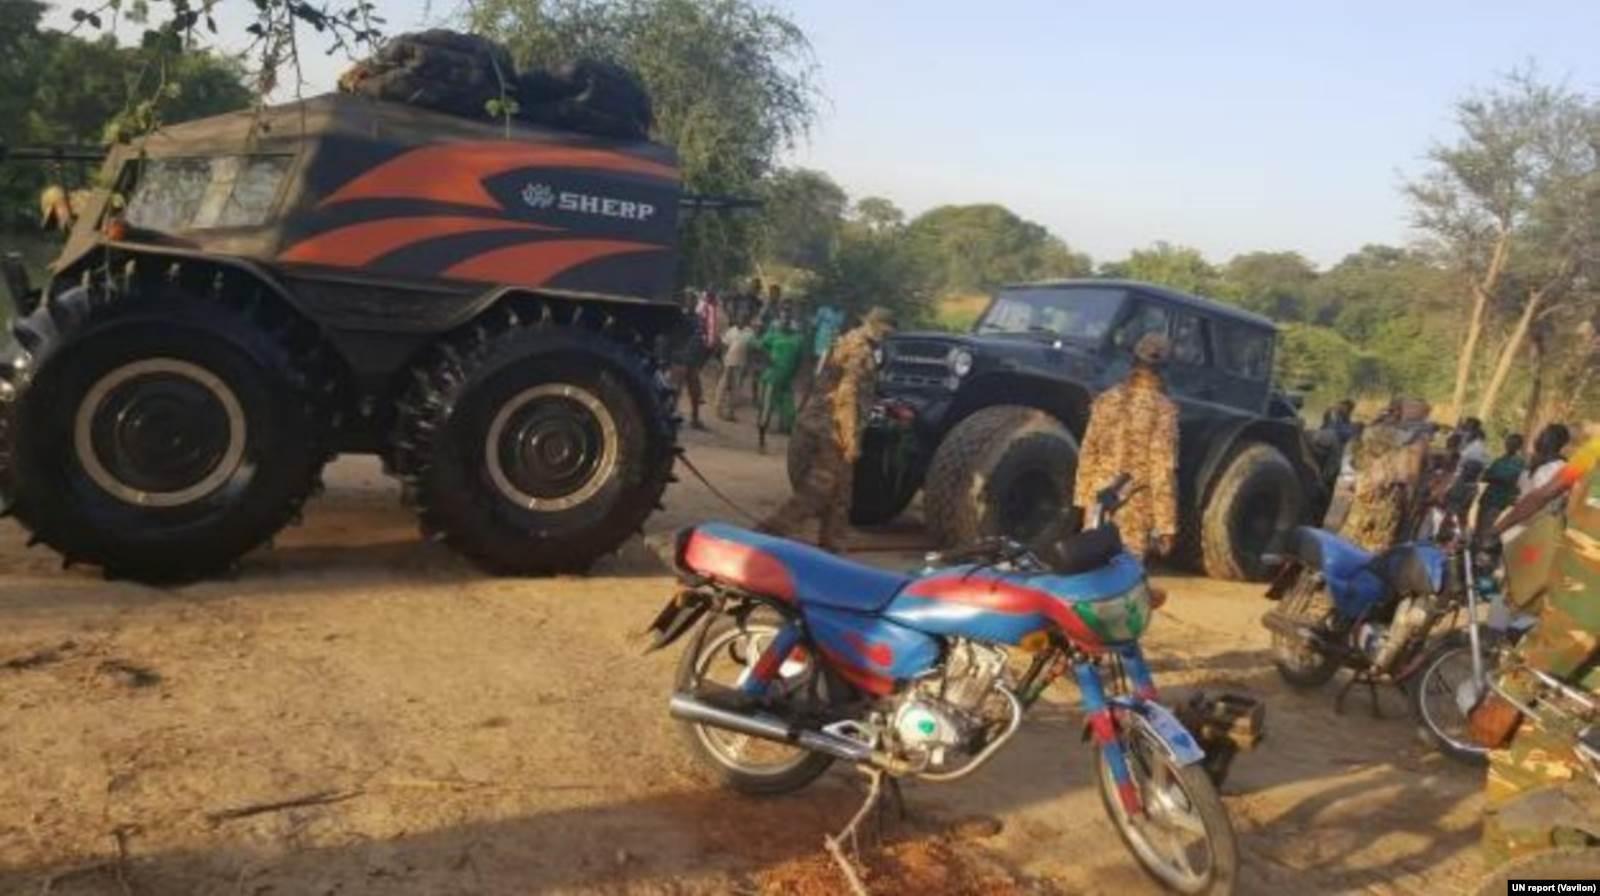 Вездеход «Шерп» в Центральноафриканской республике. Фото: отчет ООН